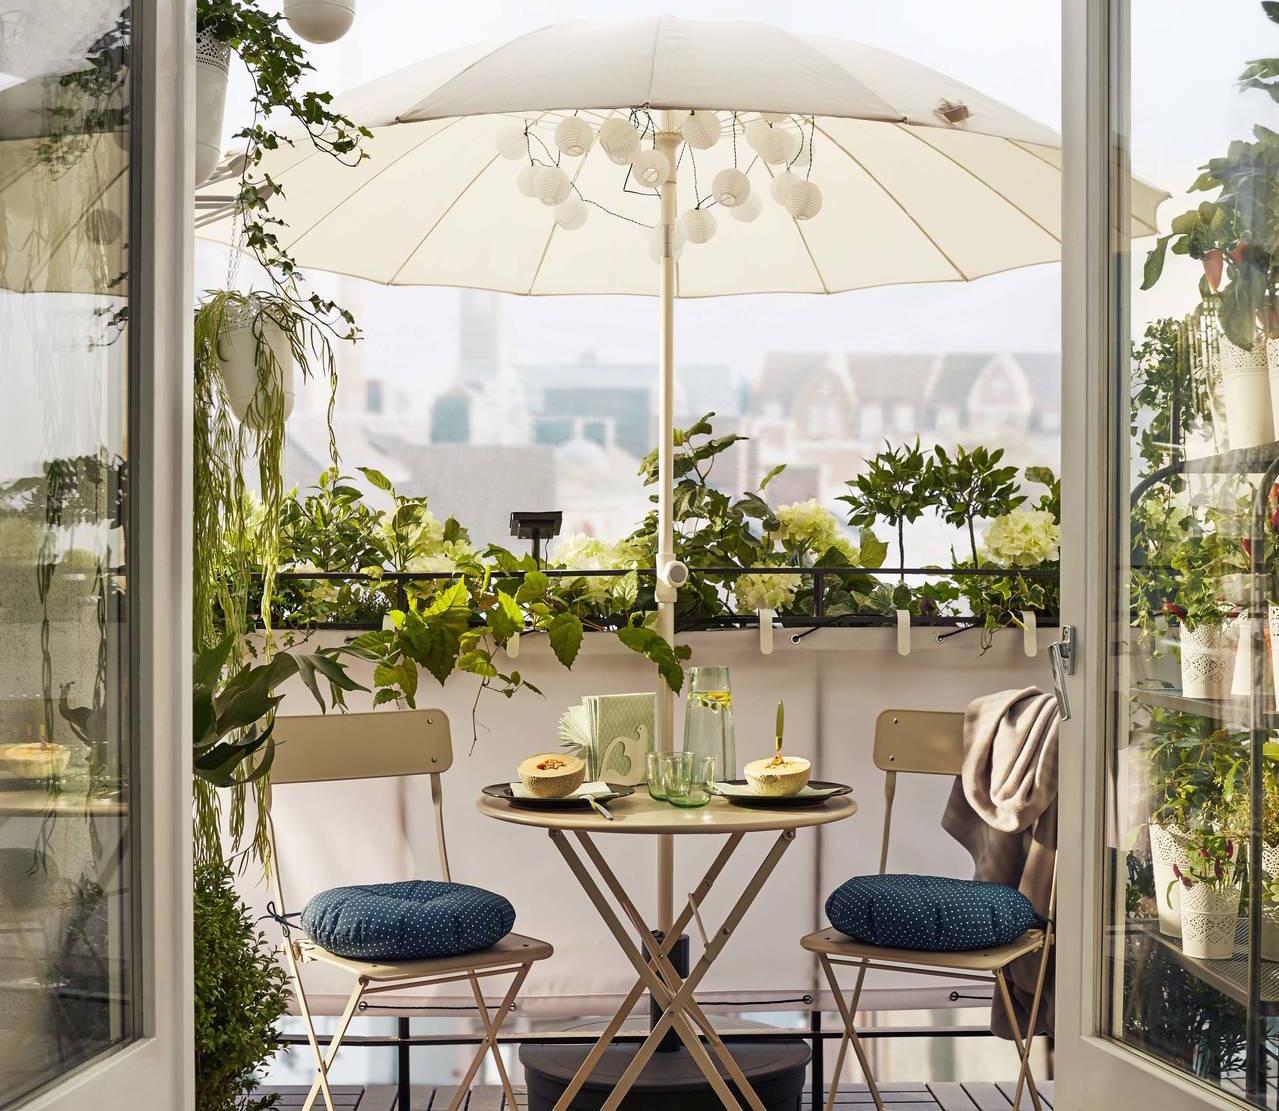 Come arredare il balcone piccolo 10 soluzioni ikea diredonna - Arredare balconi e terrazzi ...